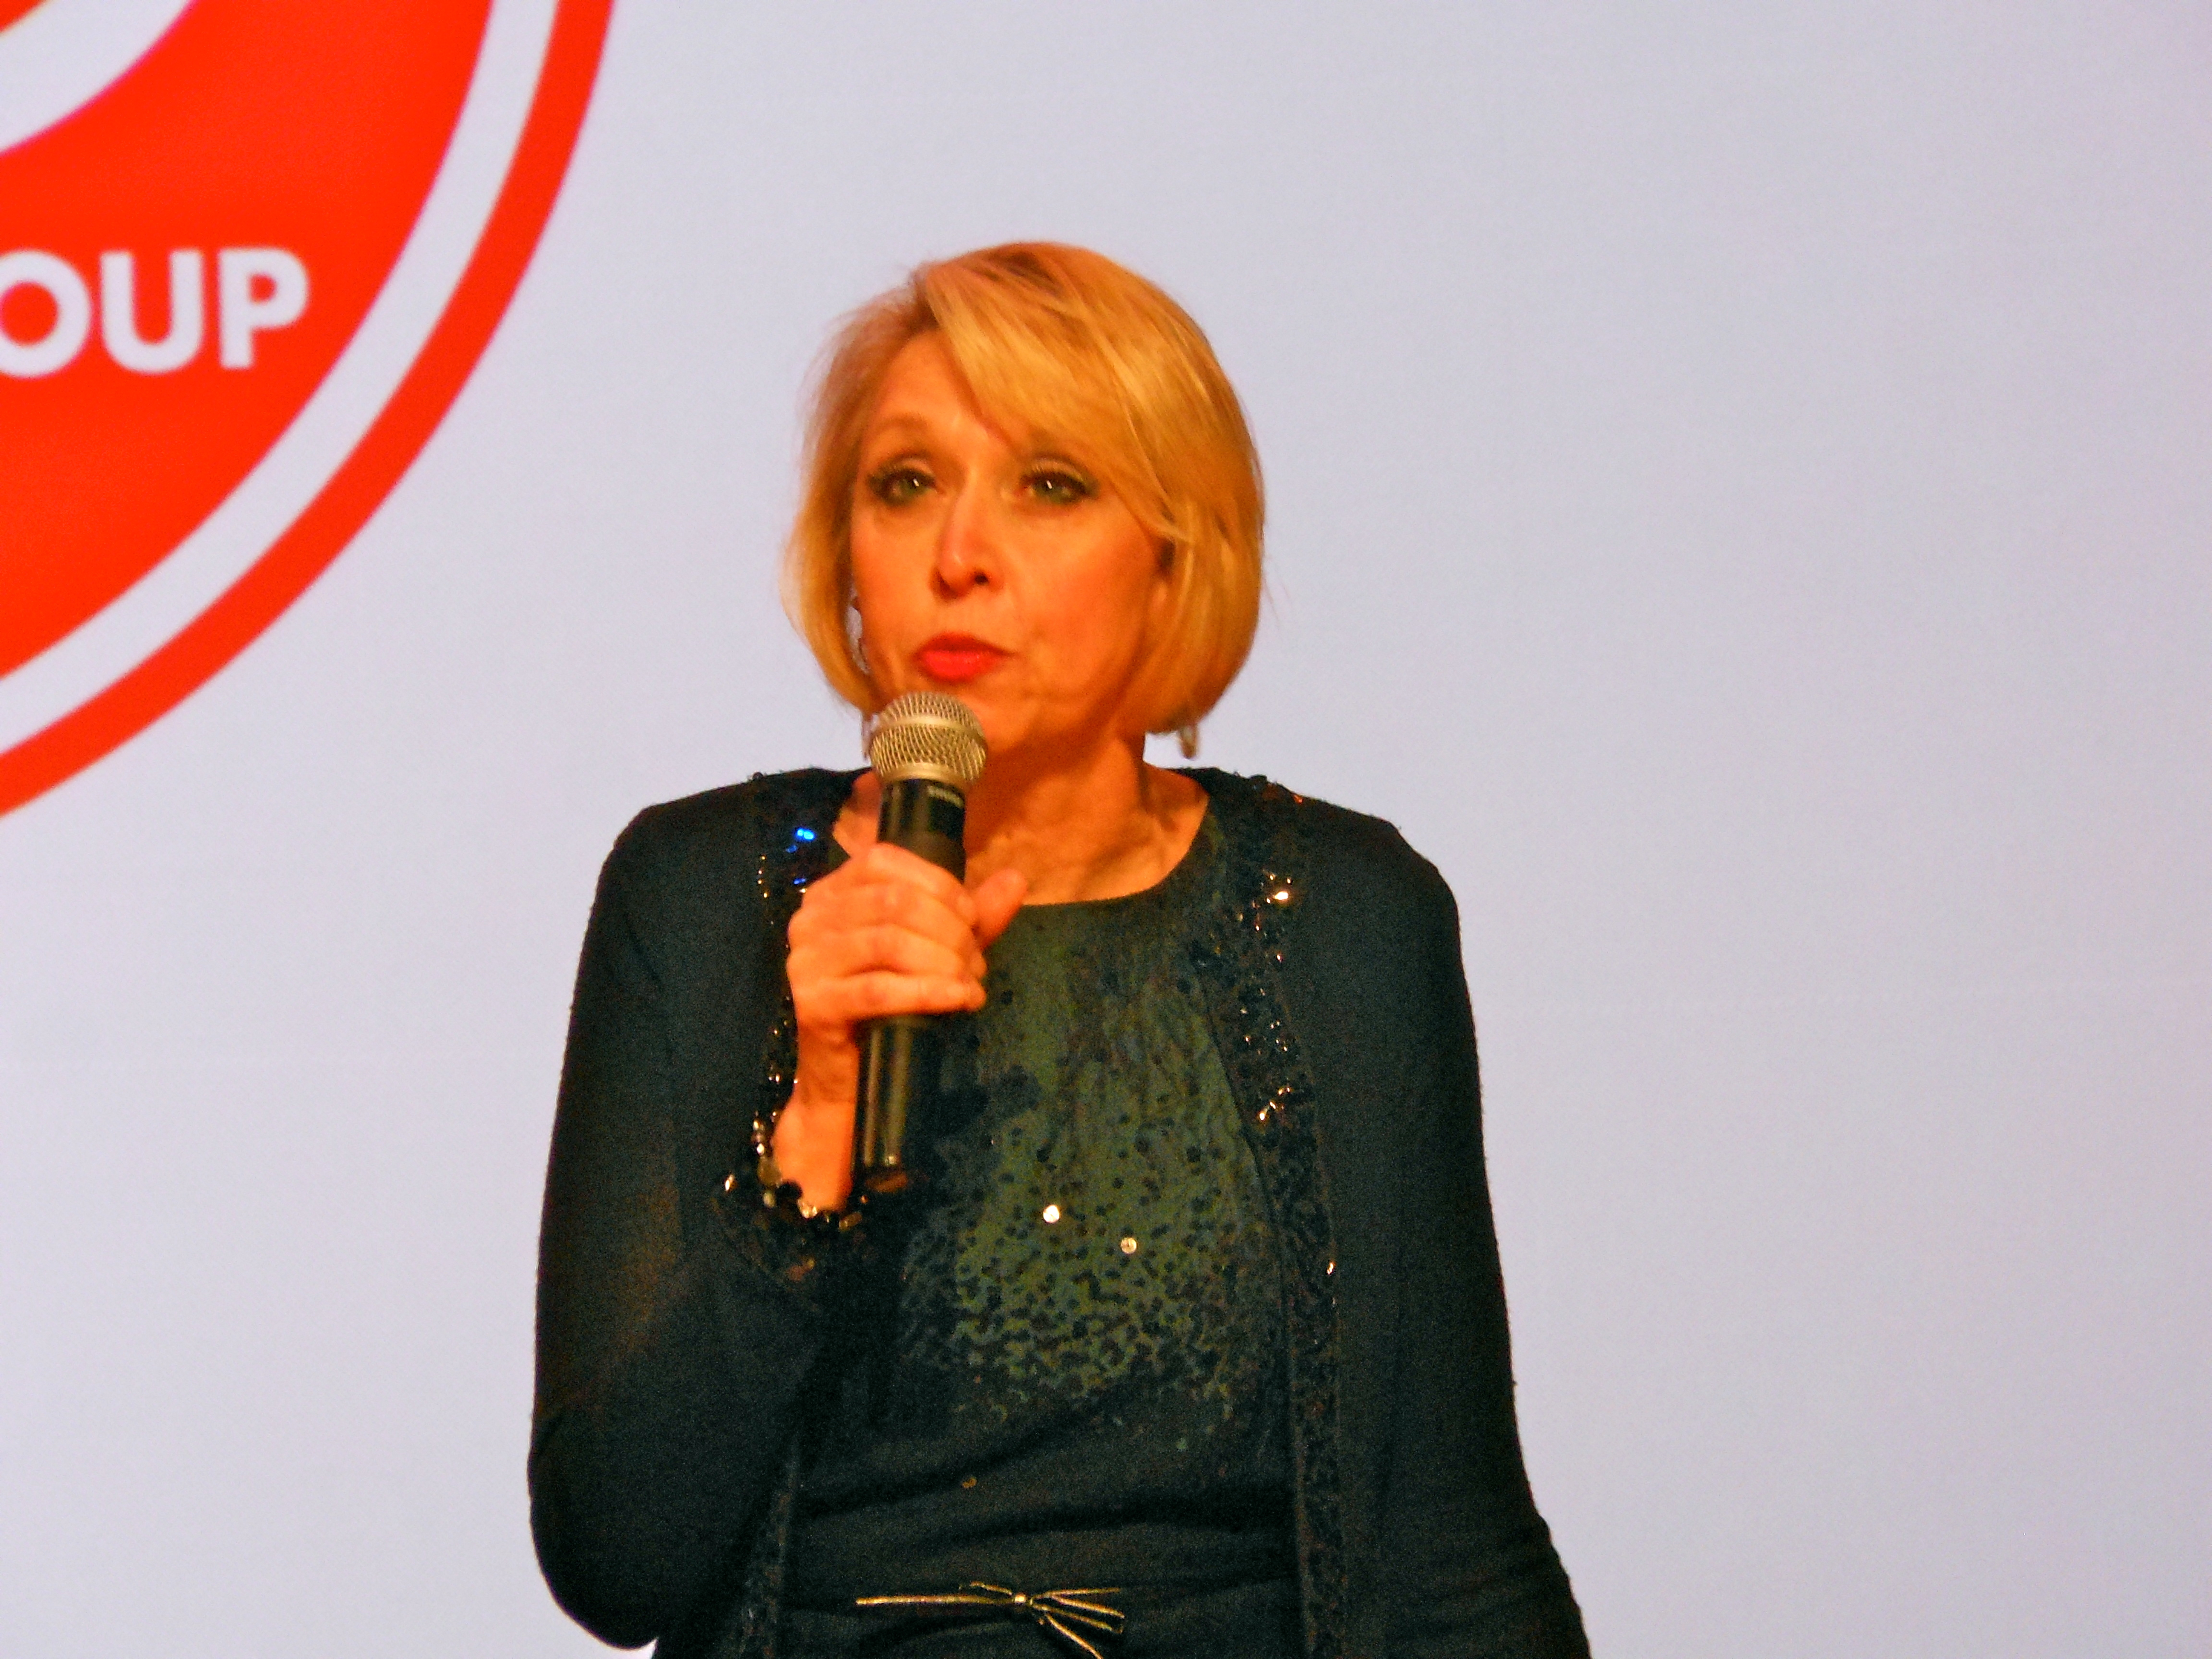 Julie Halston